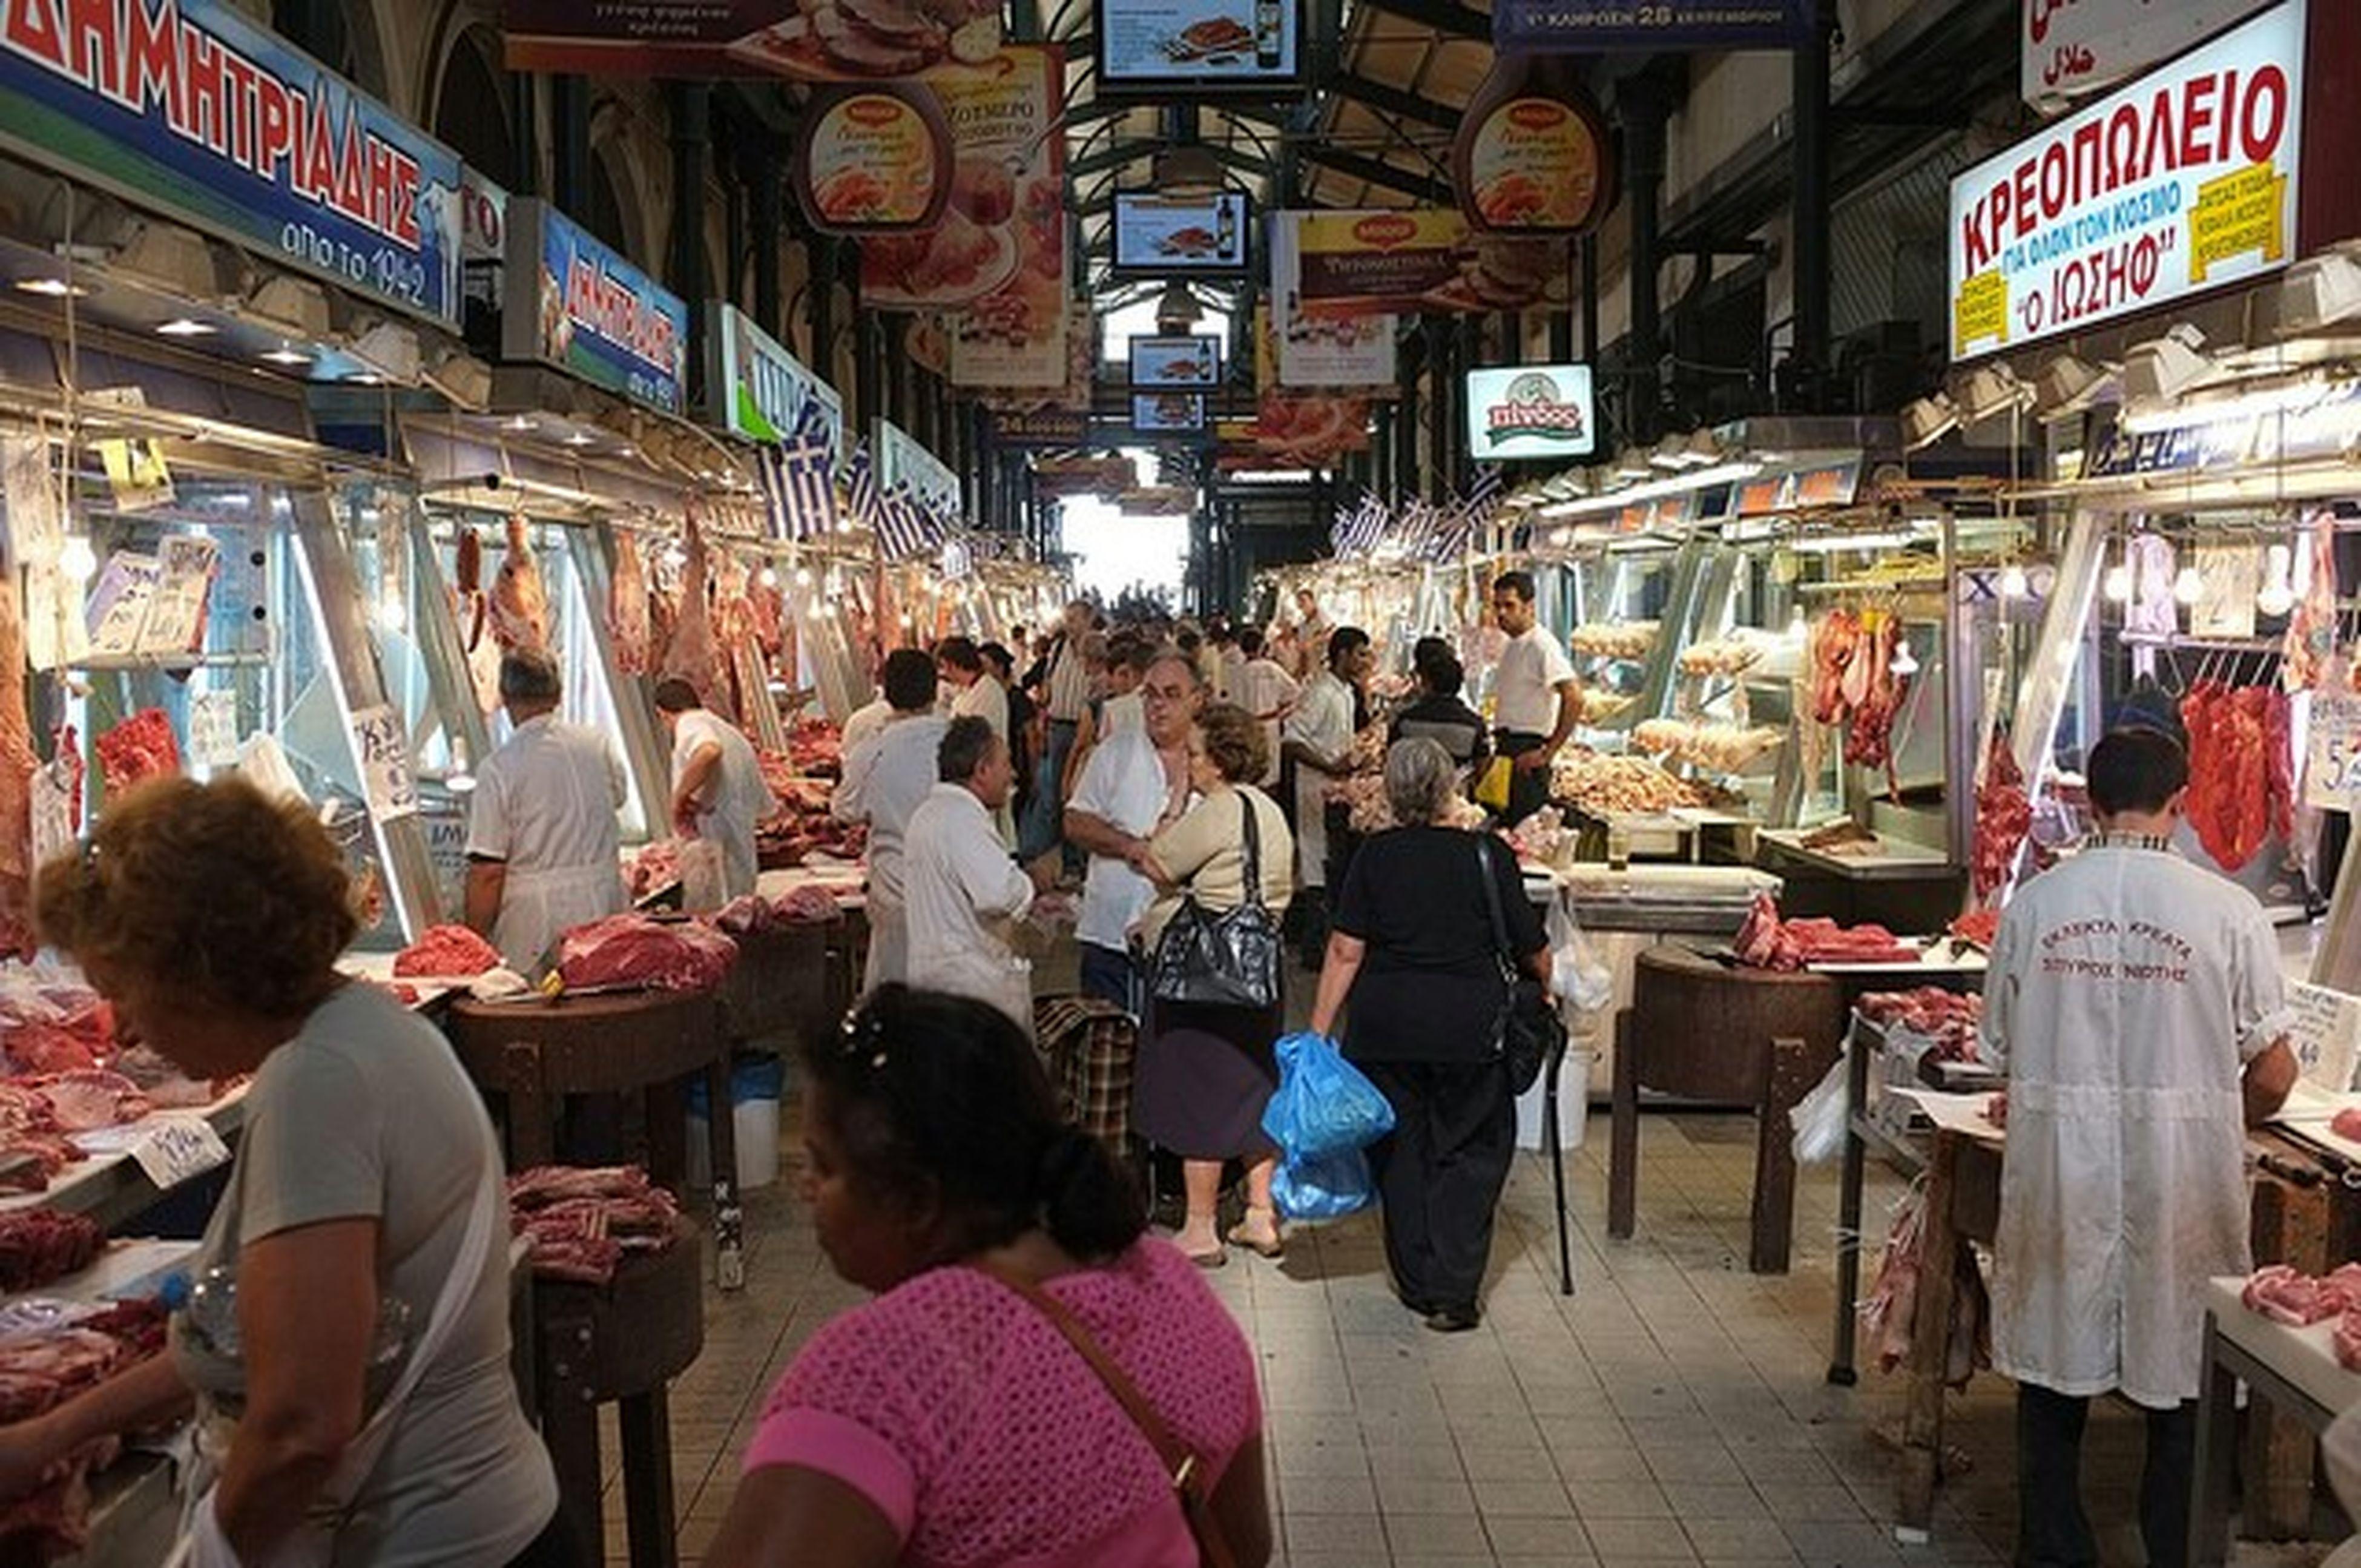 Greek meatmarket in Athens, Greece